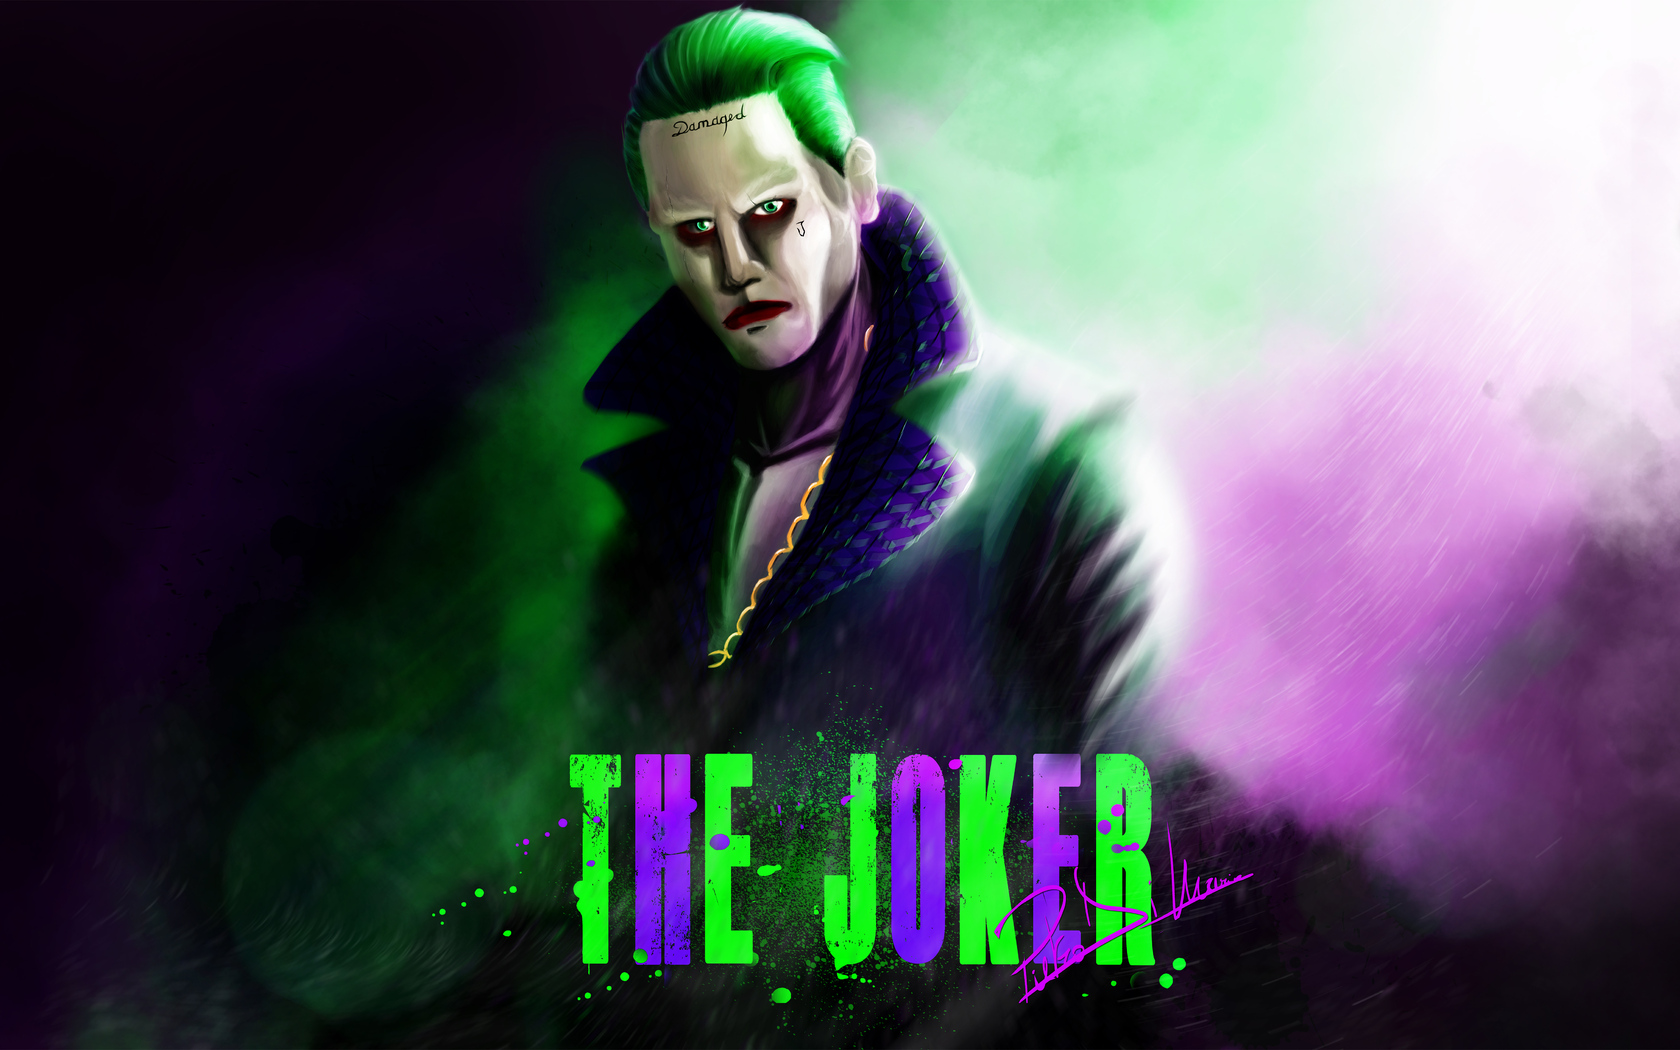 joker-jared-leto-artwork-5k-r8.jpg